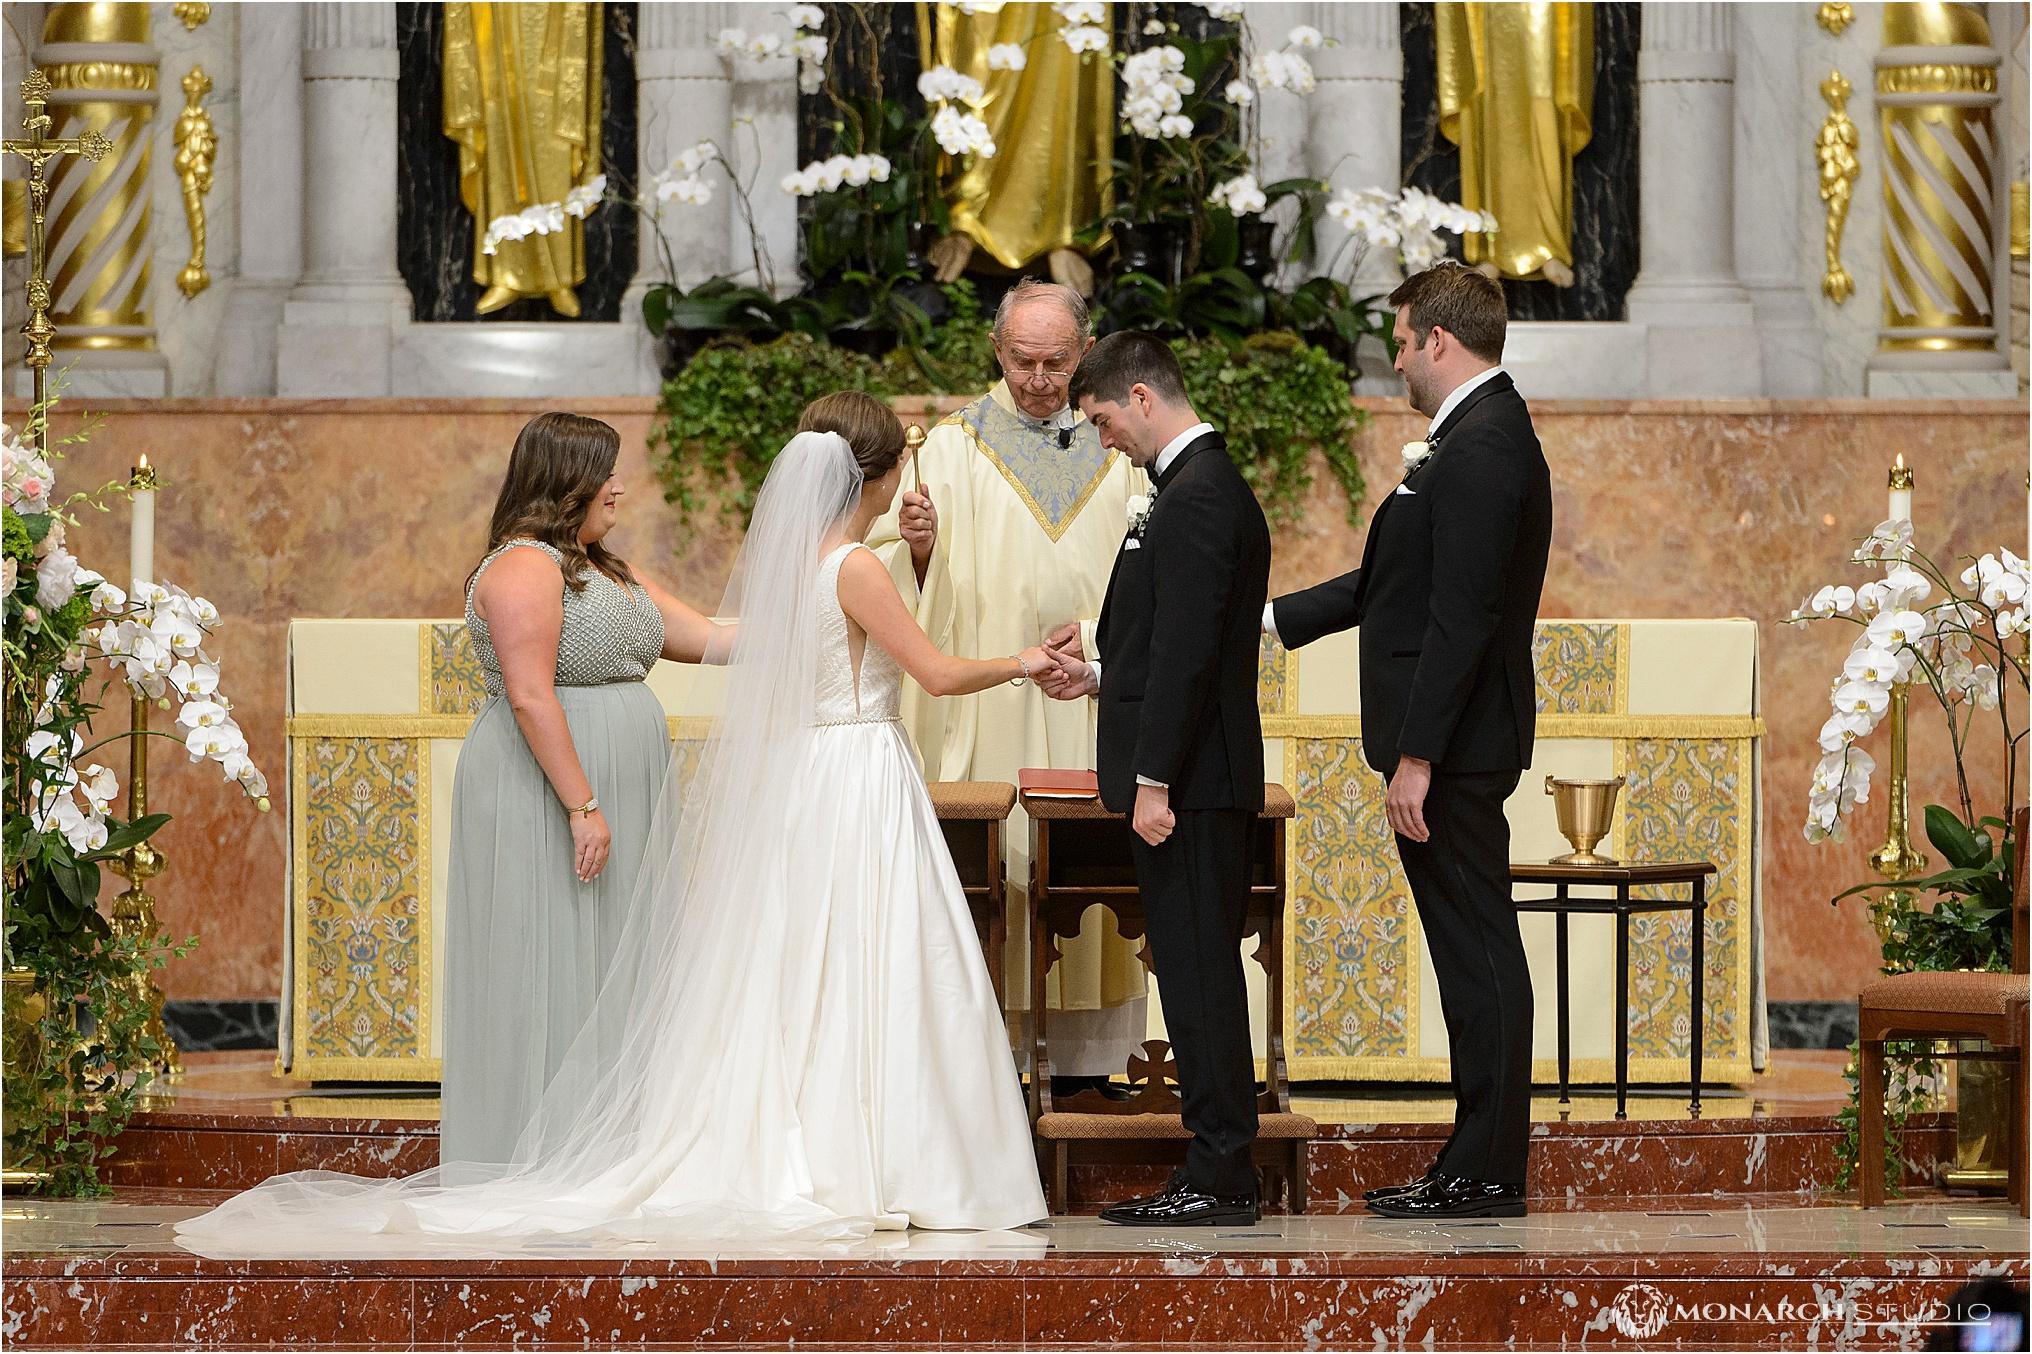 Wedding-PHotographer-in-st-augustine-2019-036.jpg